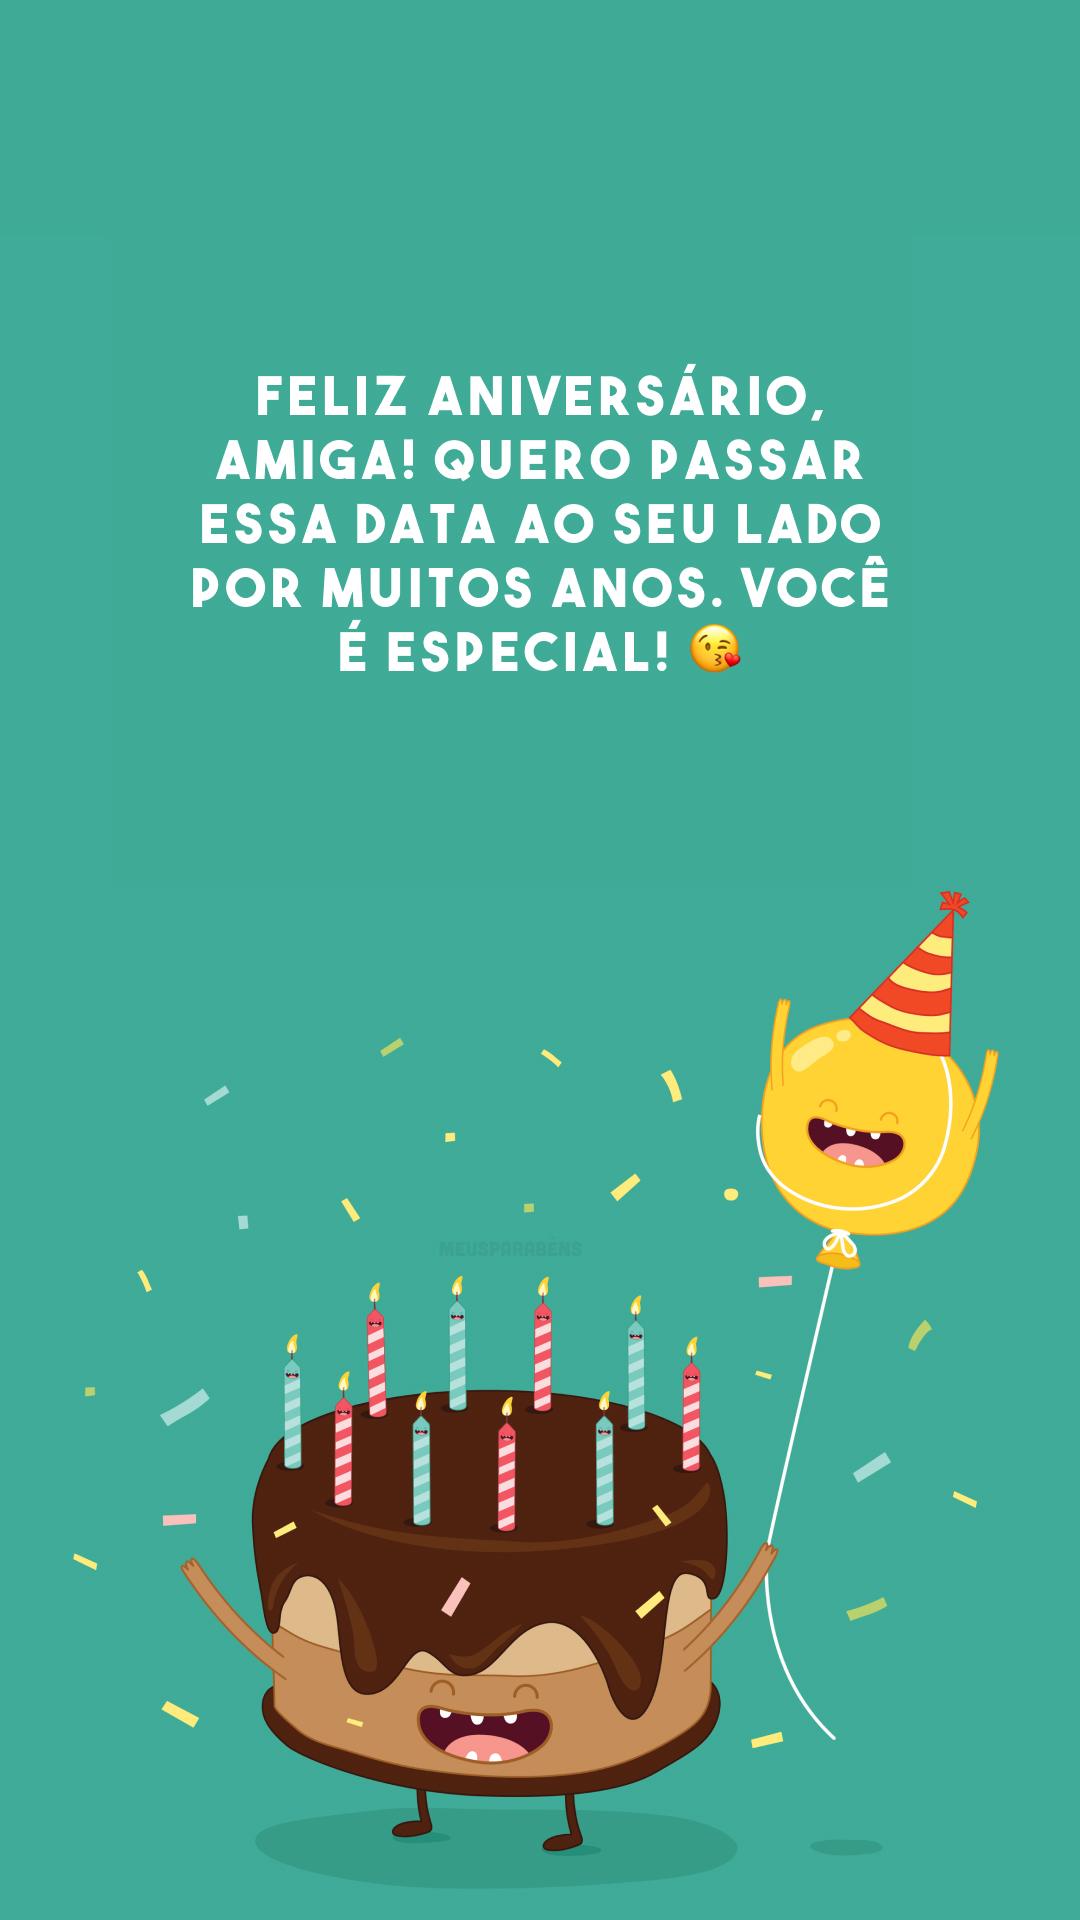 Feliz aniversário, amiga! Quero passar essa data ao seu lado por muitos anos. Você é especial! 😘